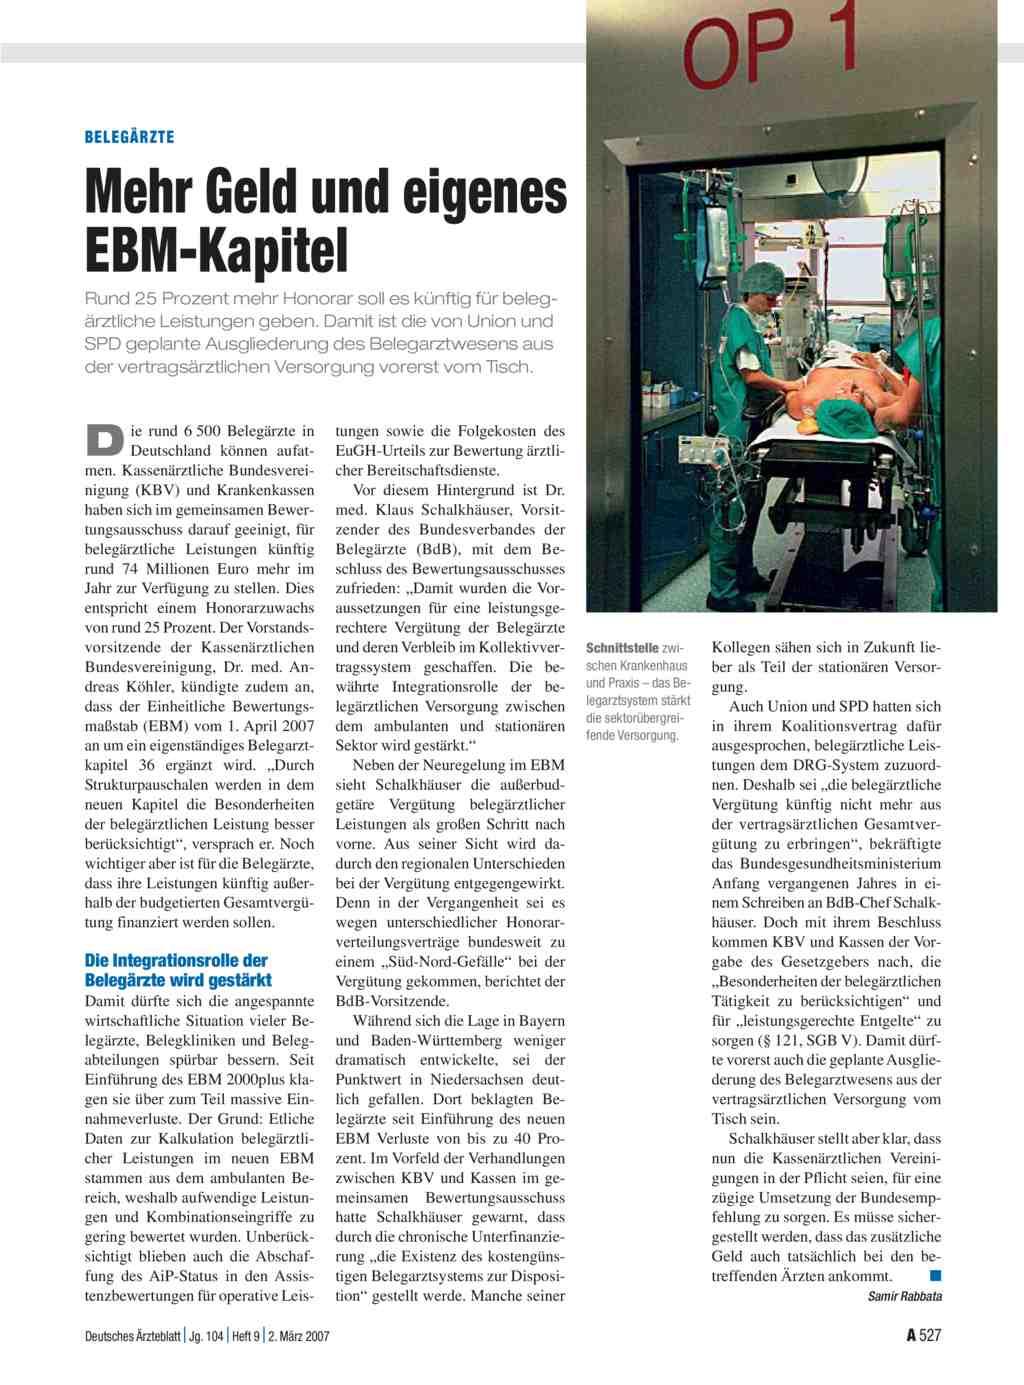 Der Krankenhaus-EBM